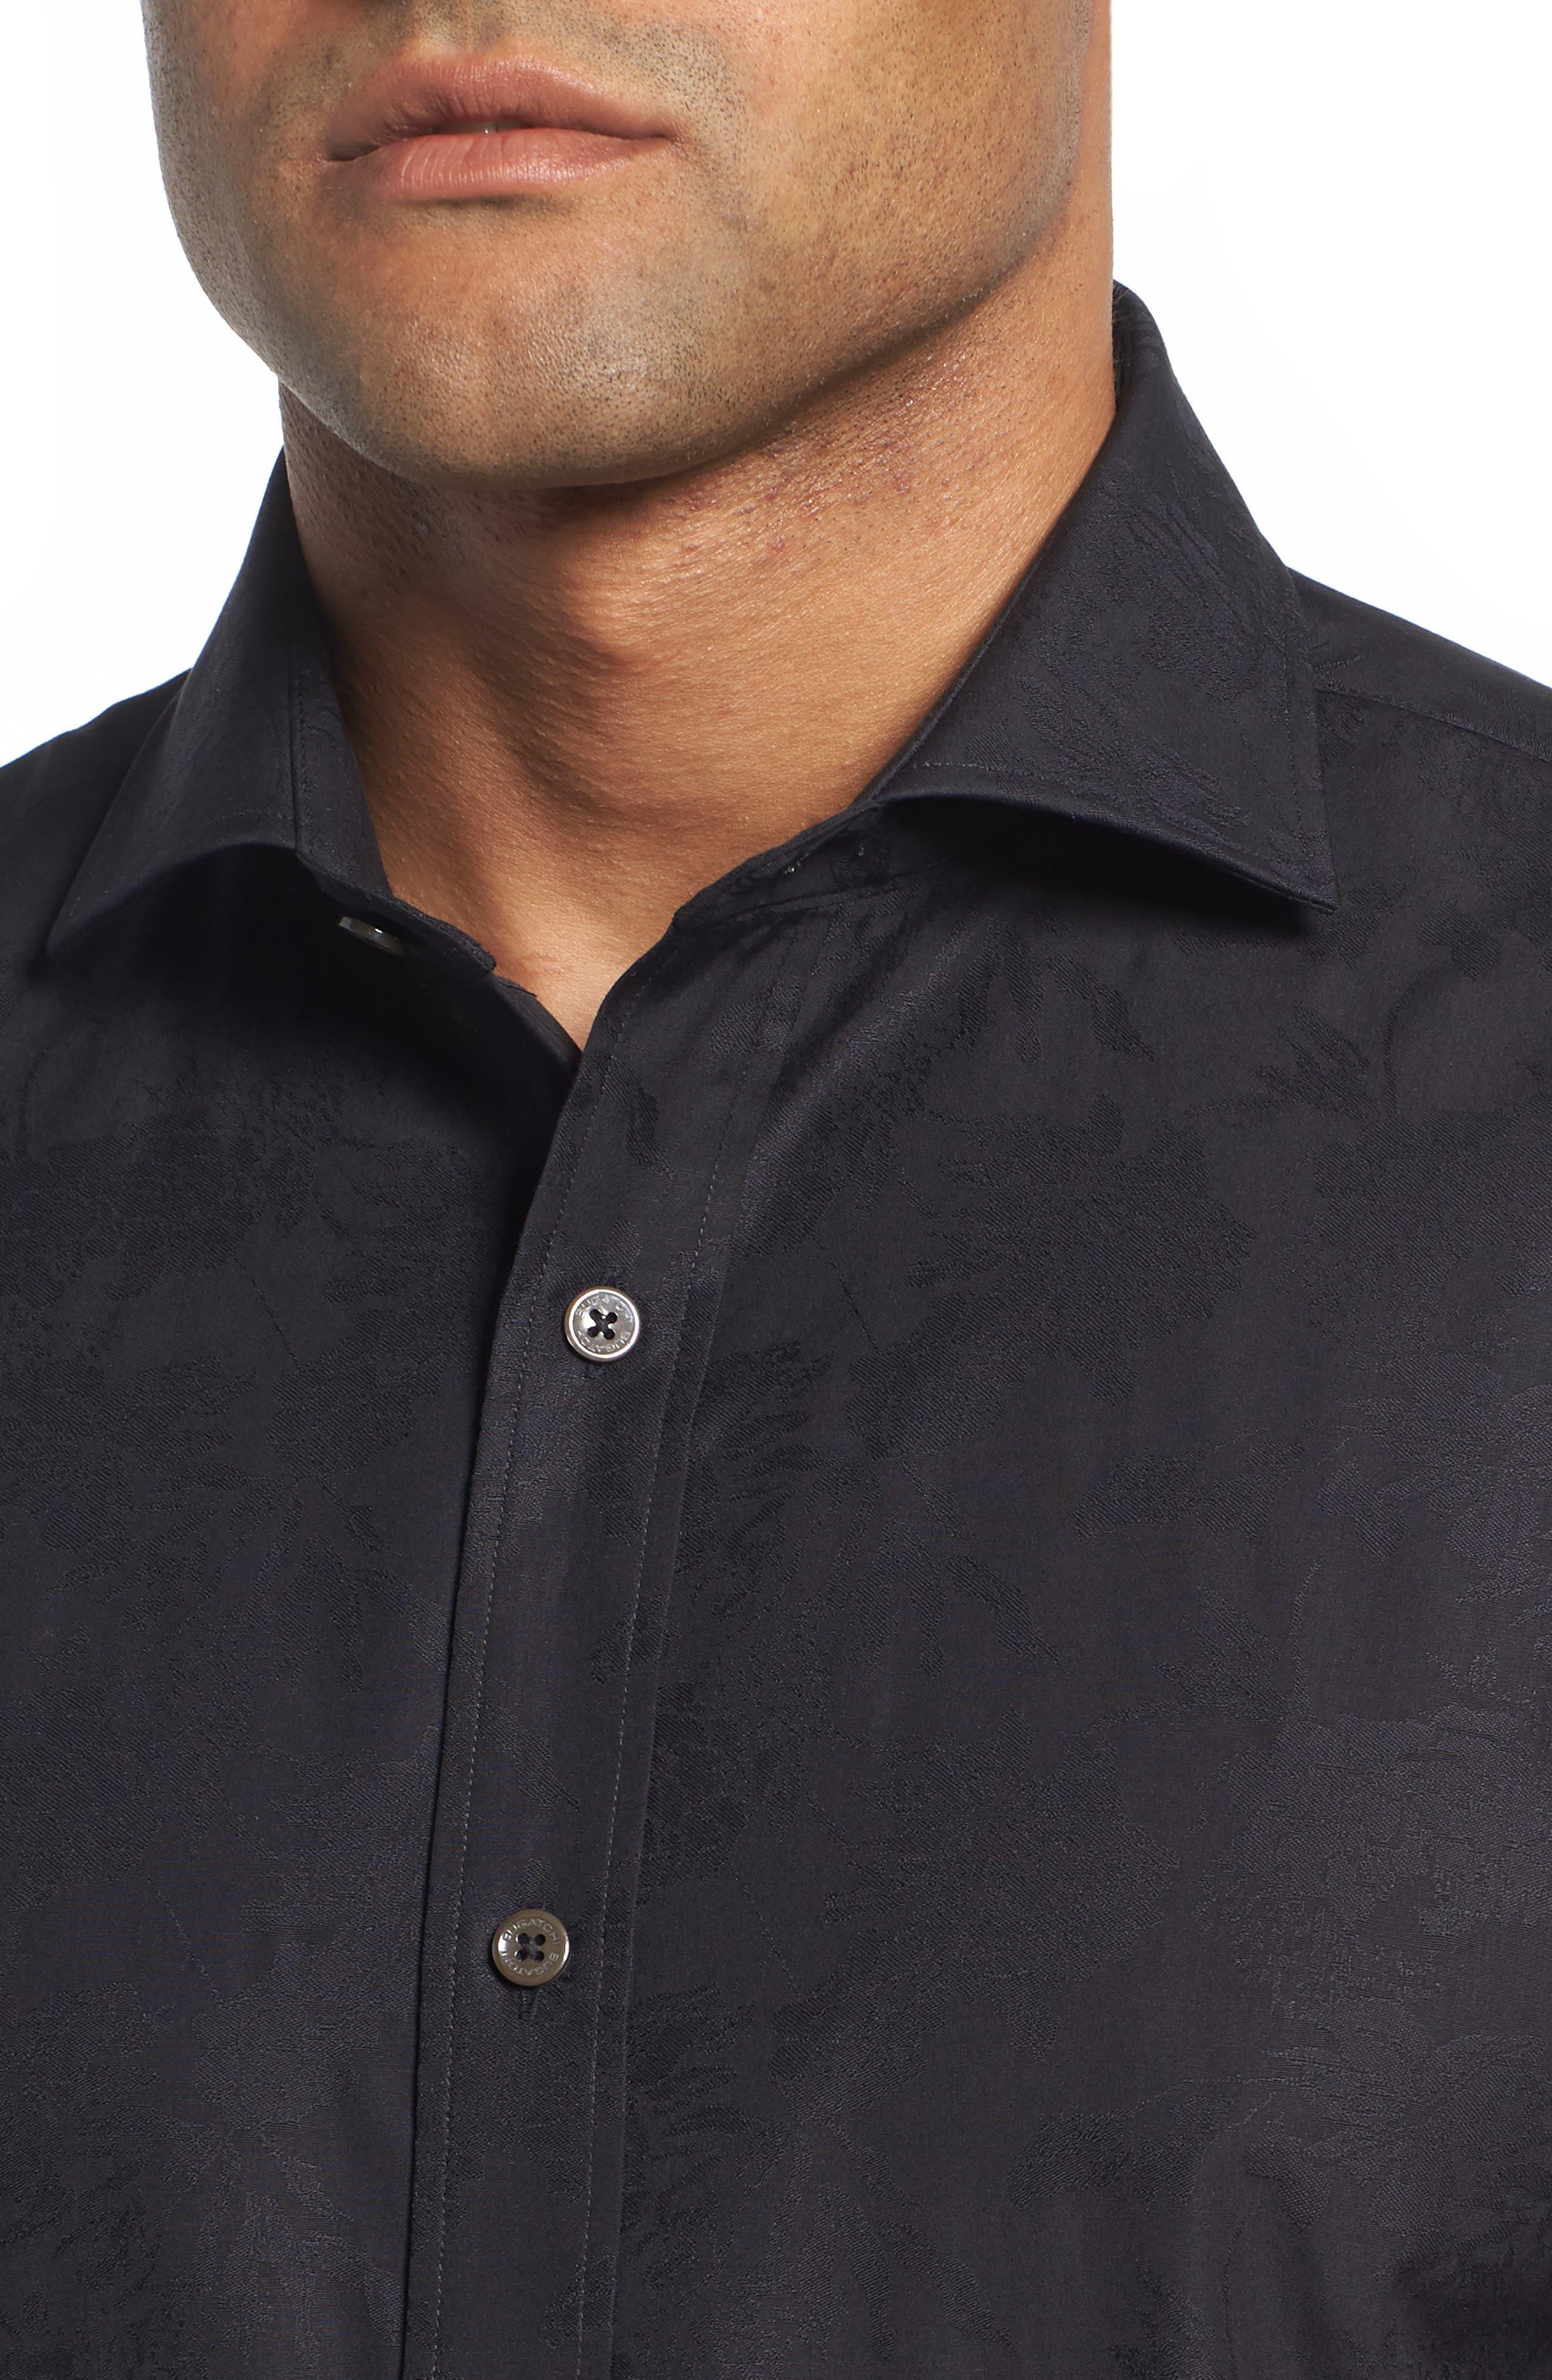 Classic Fit Tonal Jacquard Sport Shirt,                             Alternate thumbnail 4, color,                             BLACK